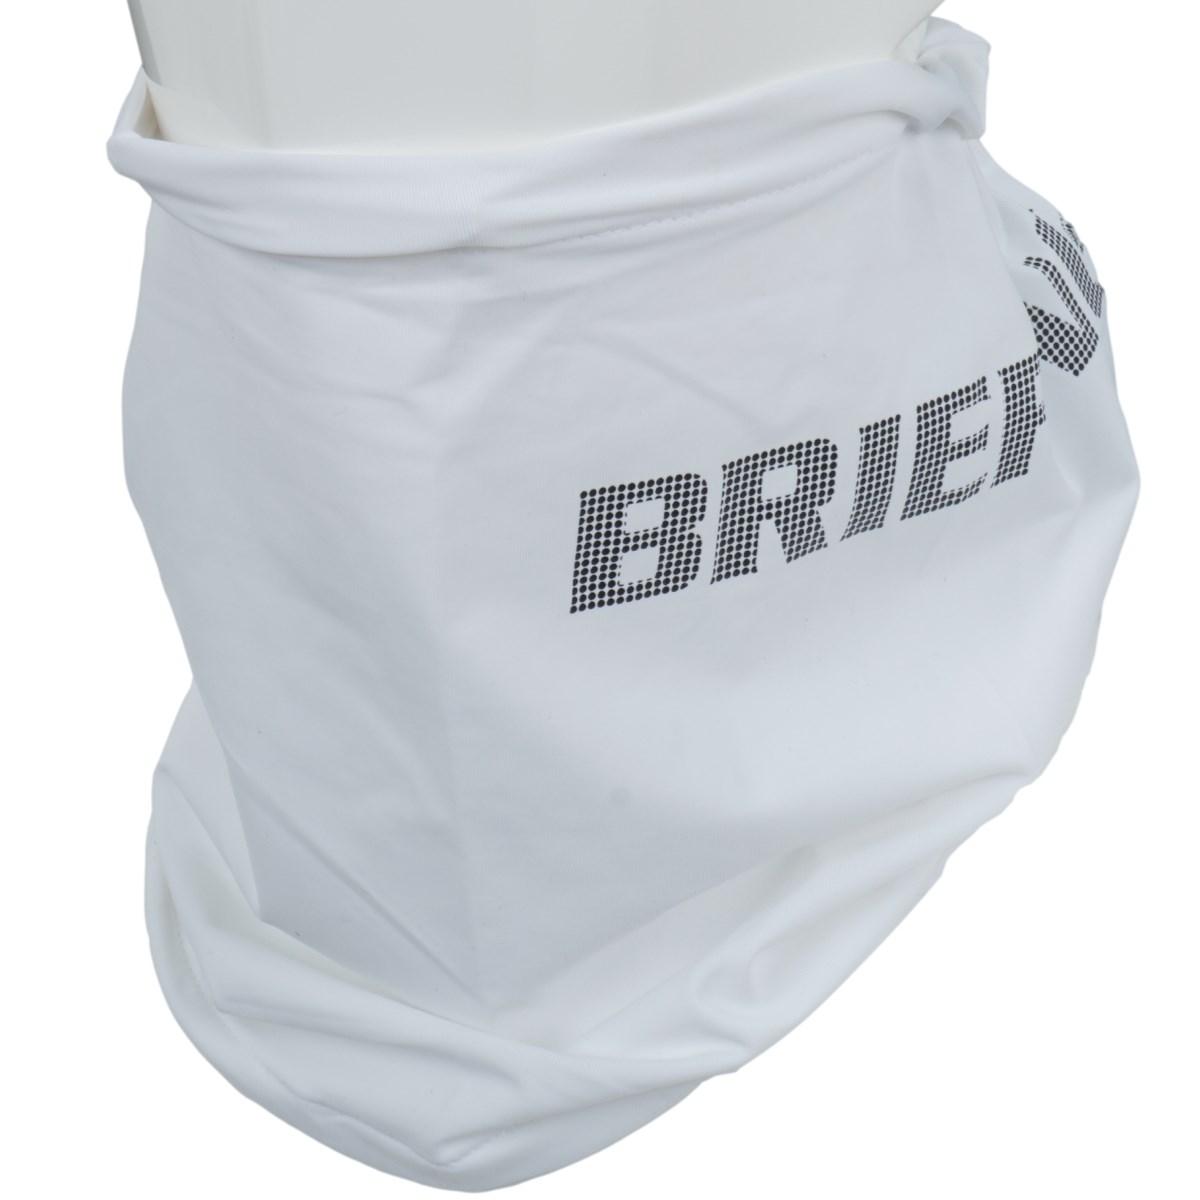 ブリーフィング BRIEFING CORDURA ネックガイザー ホワイト 000